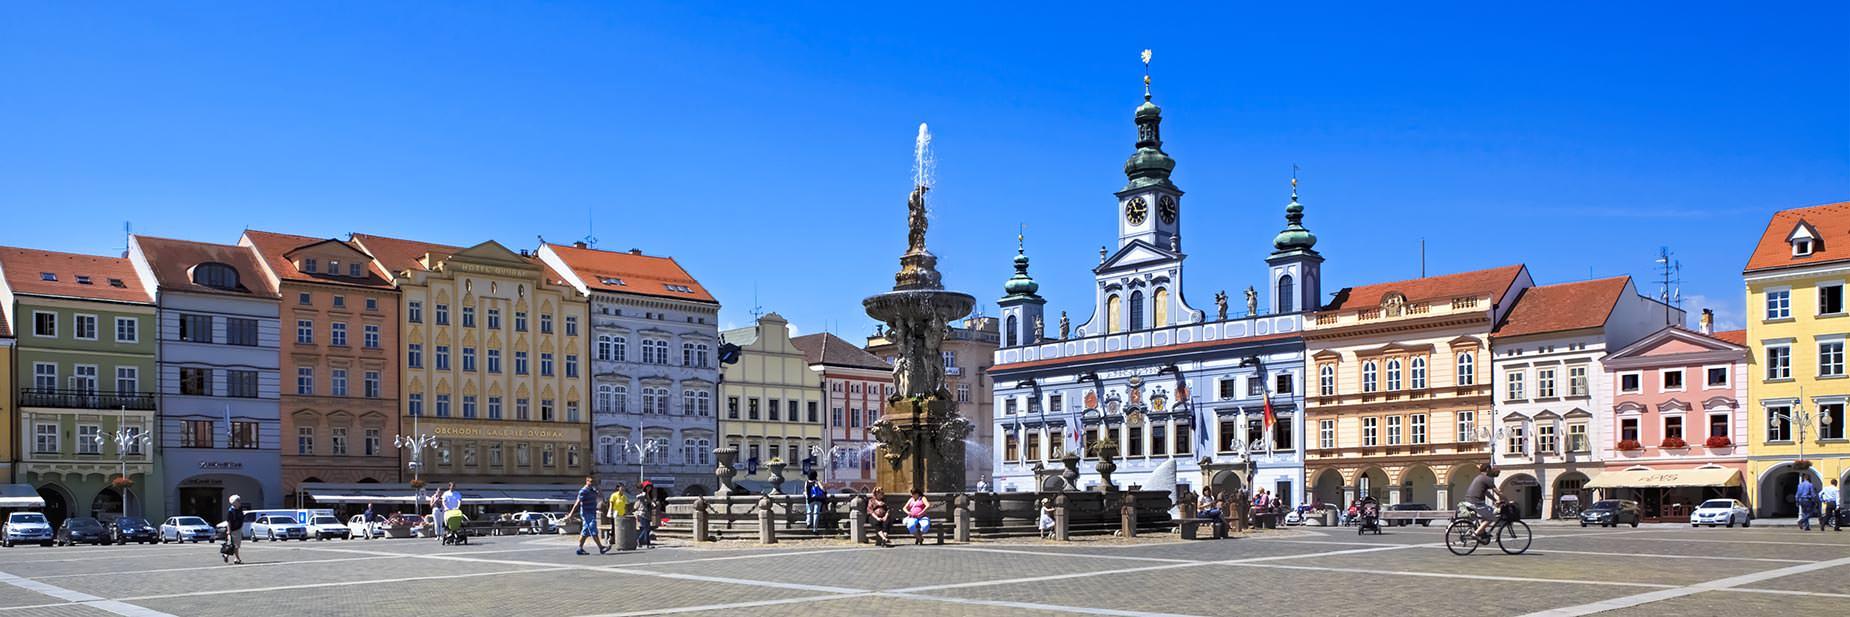 České Budějovice, Czechia - Přemysl Otakar II Square